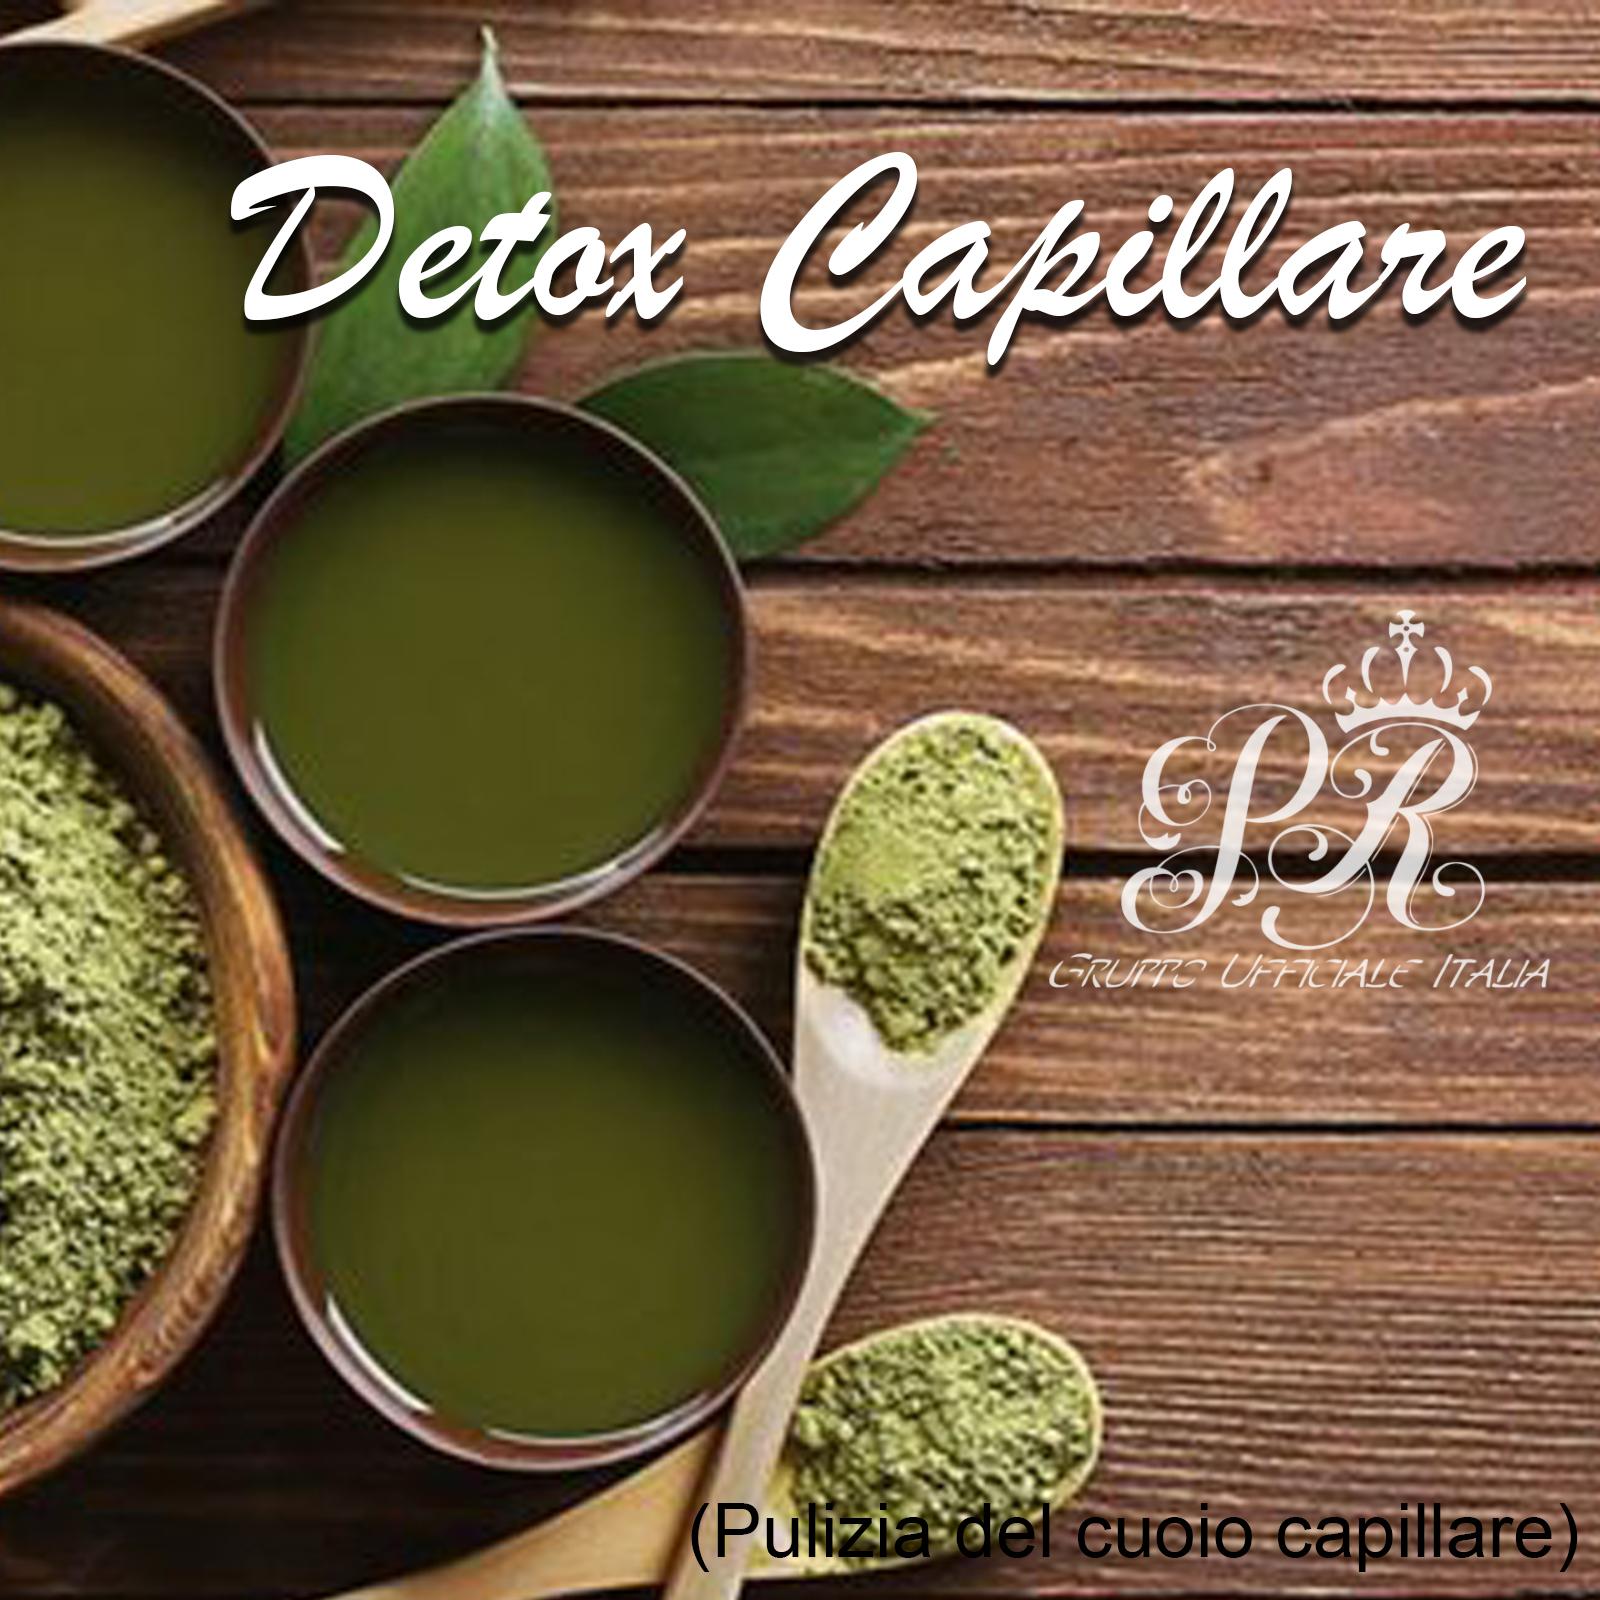 Detox Capillare – Pulizia del cuoio capillare